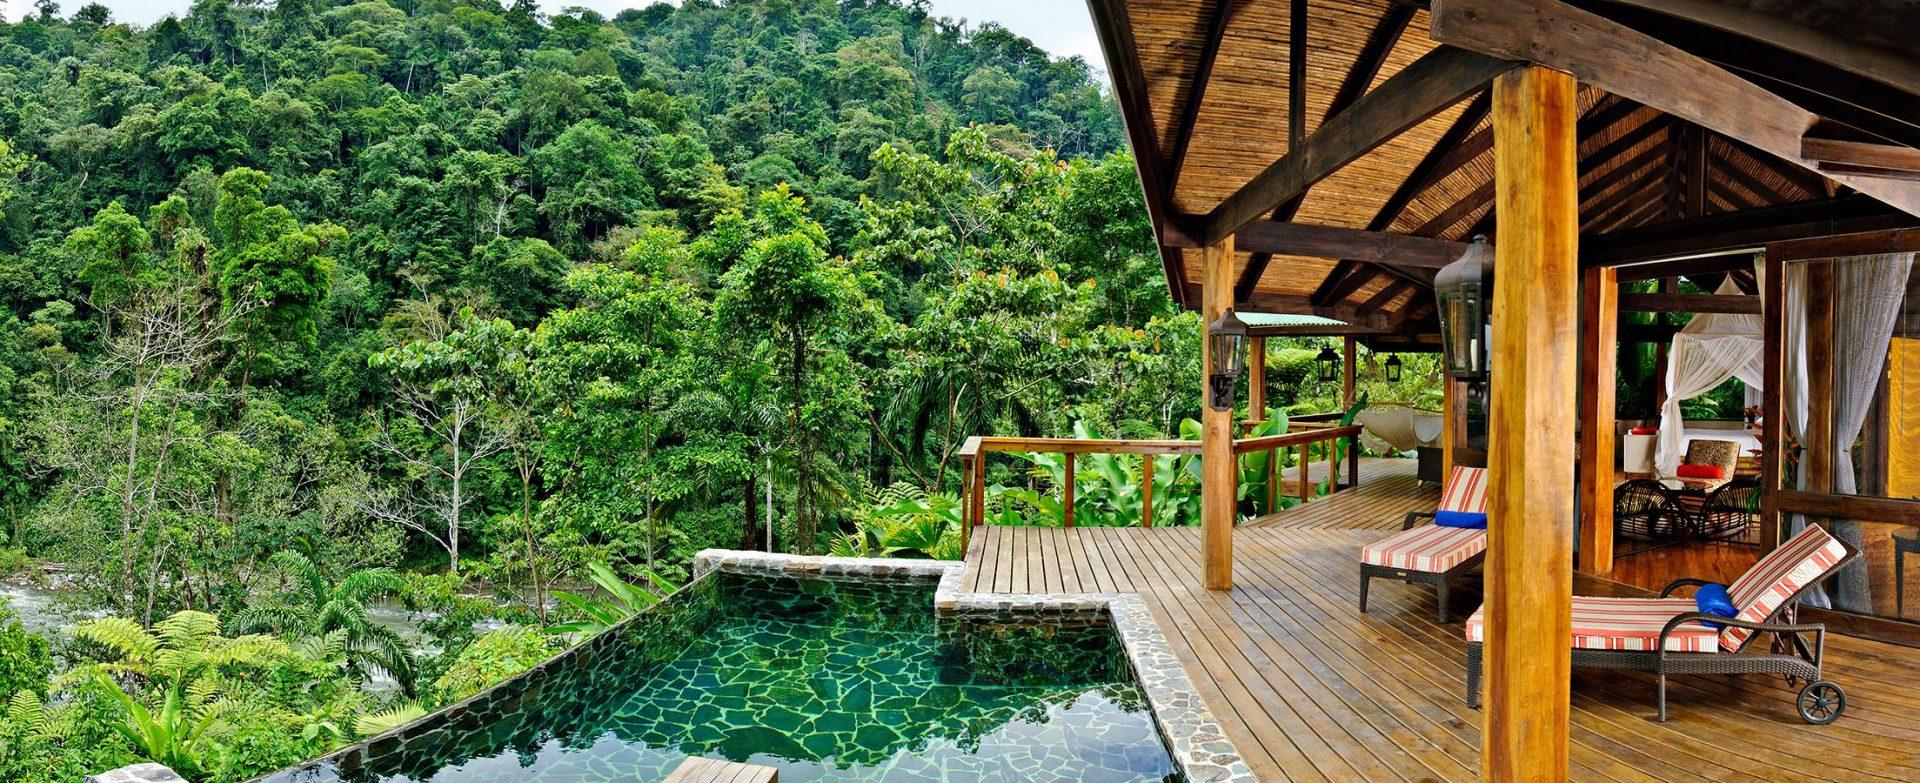 Costa Rica, Pacuare Lodge, Aussicht von der Terrasse in den Dschungel, Jungle Lodges, Latin America Tours, Reisen